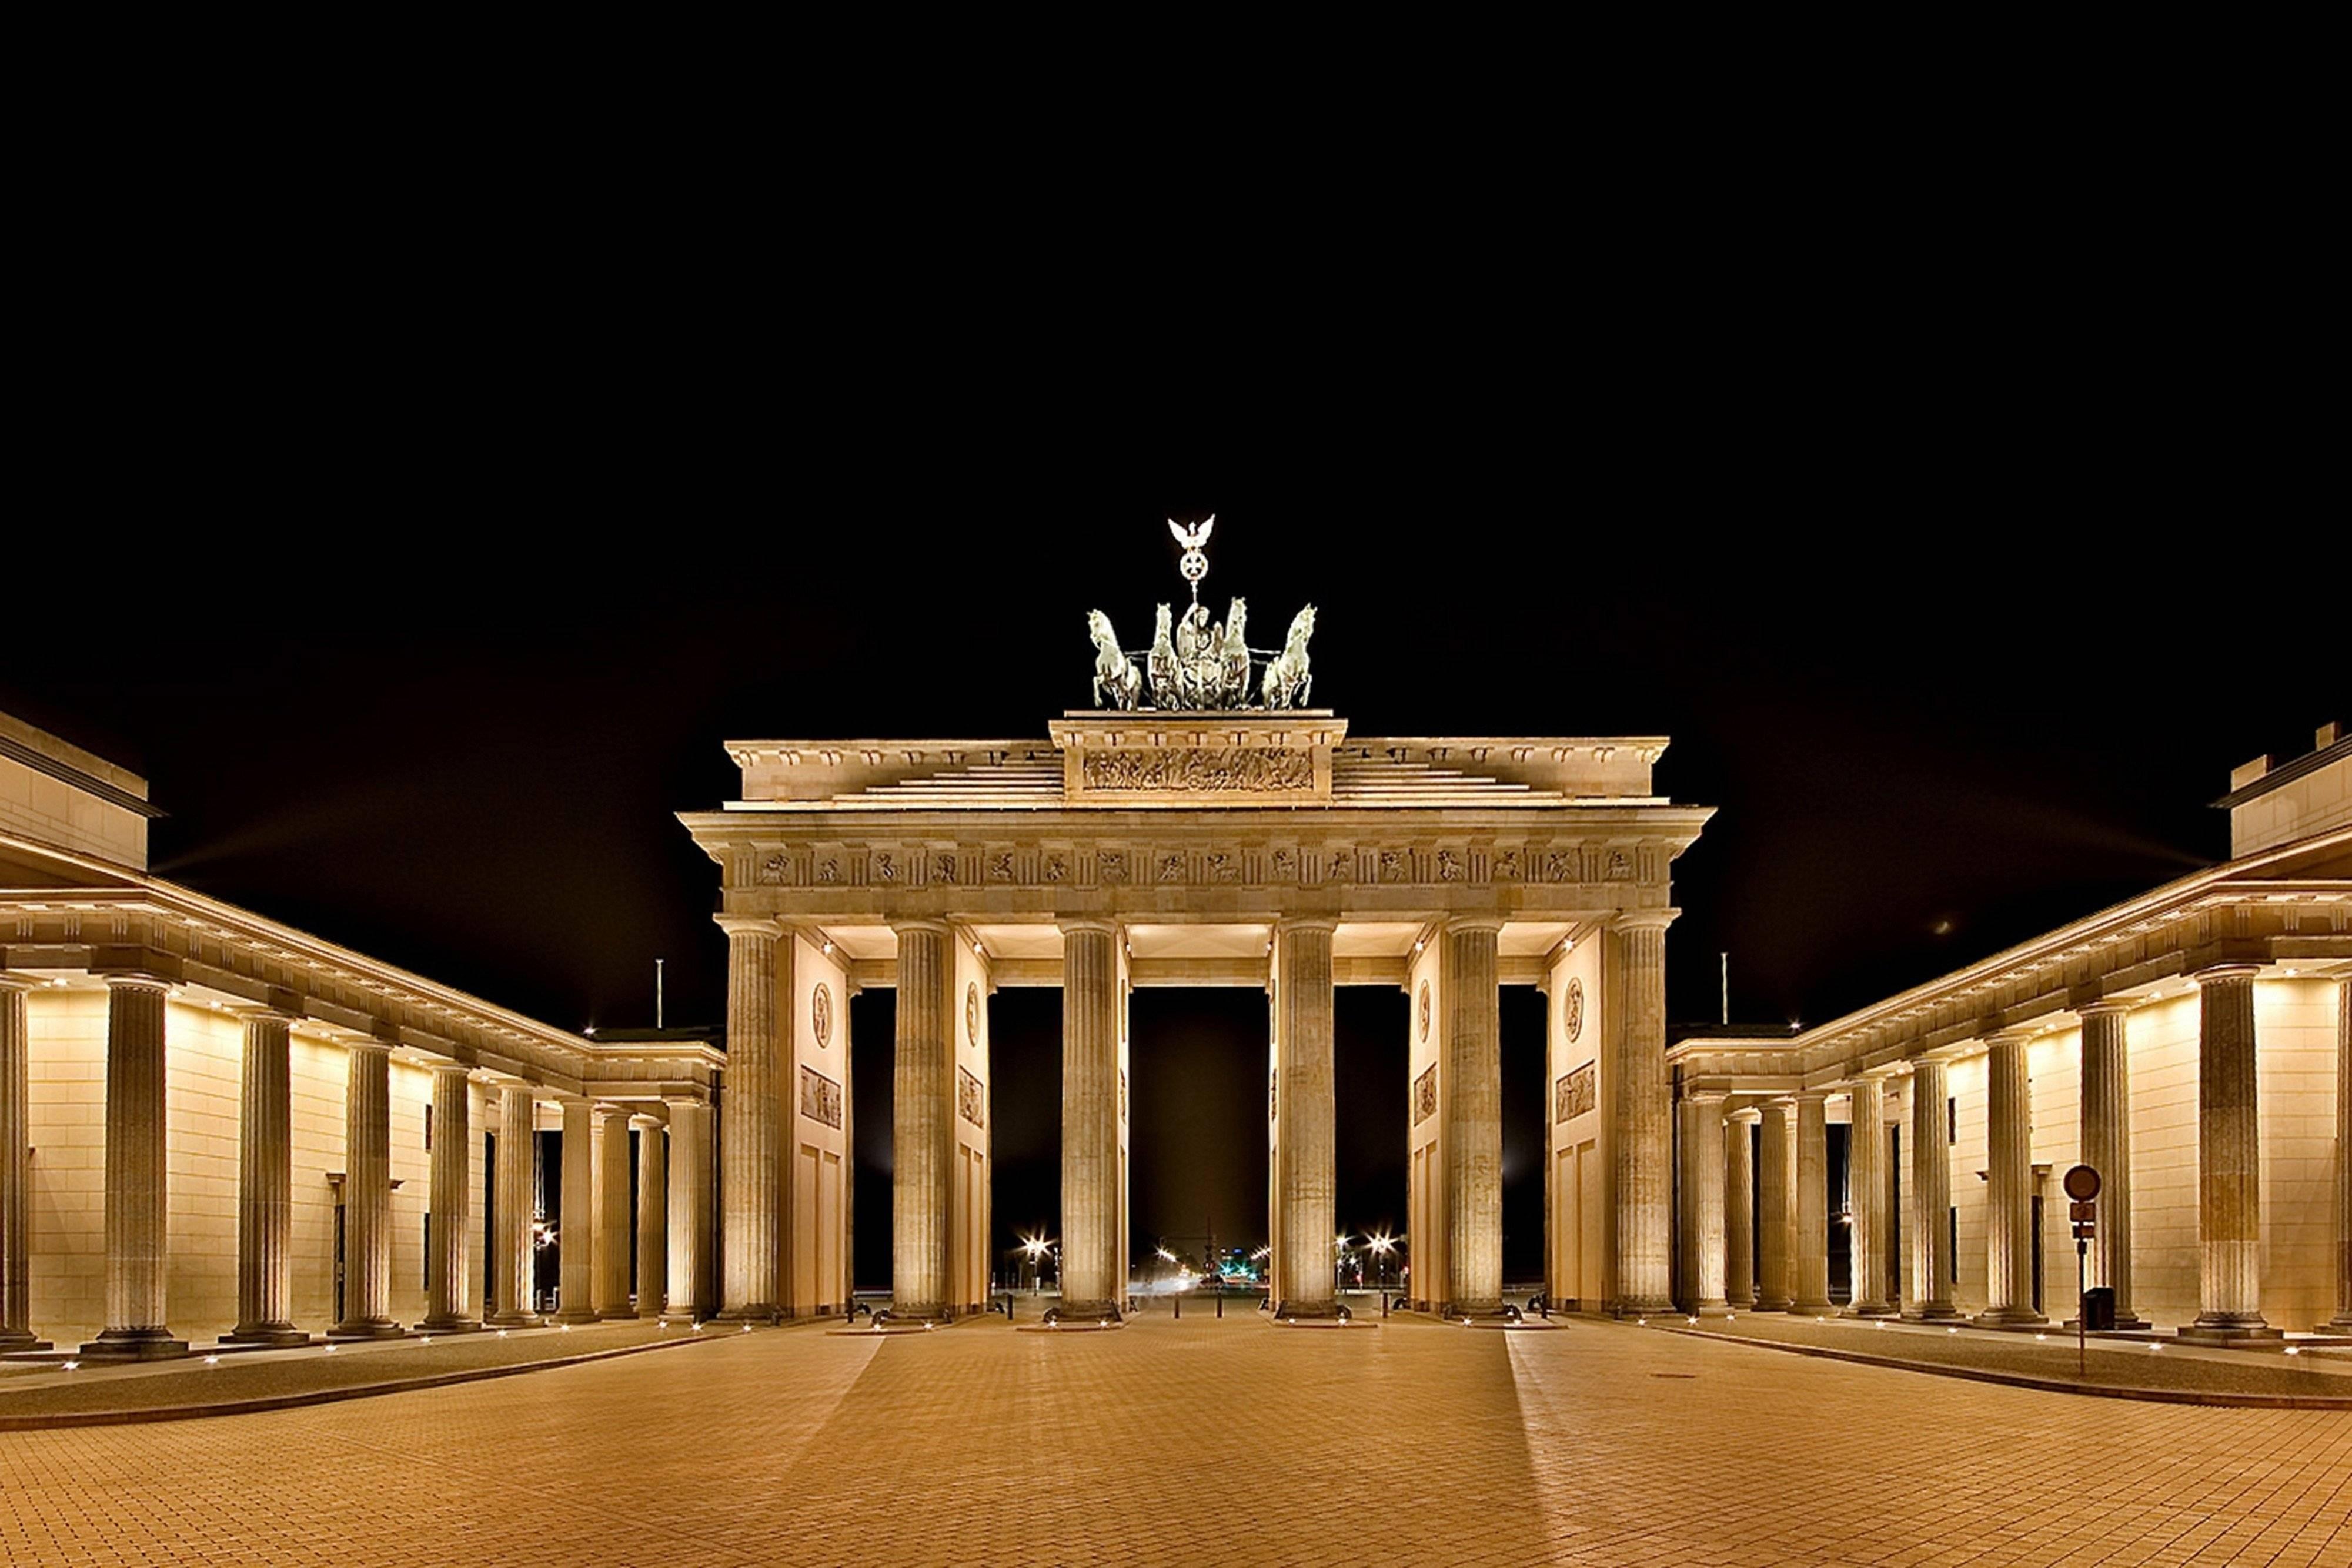 Почему бранденбургские ворота в берлине так популярны